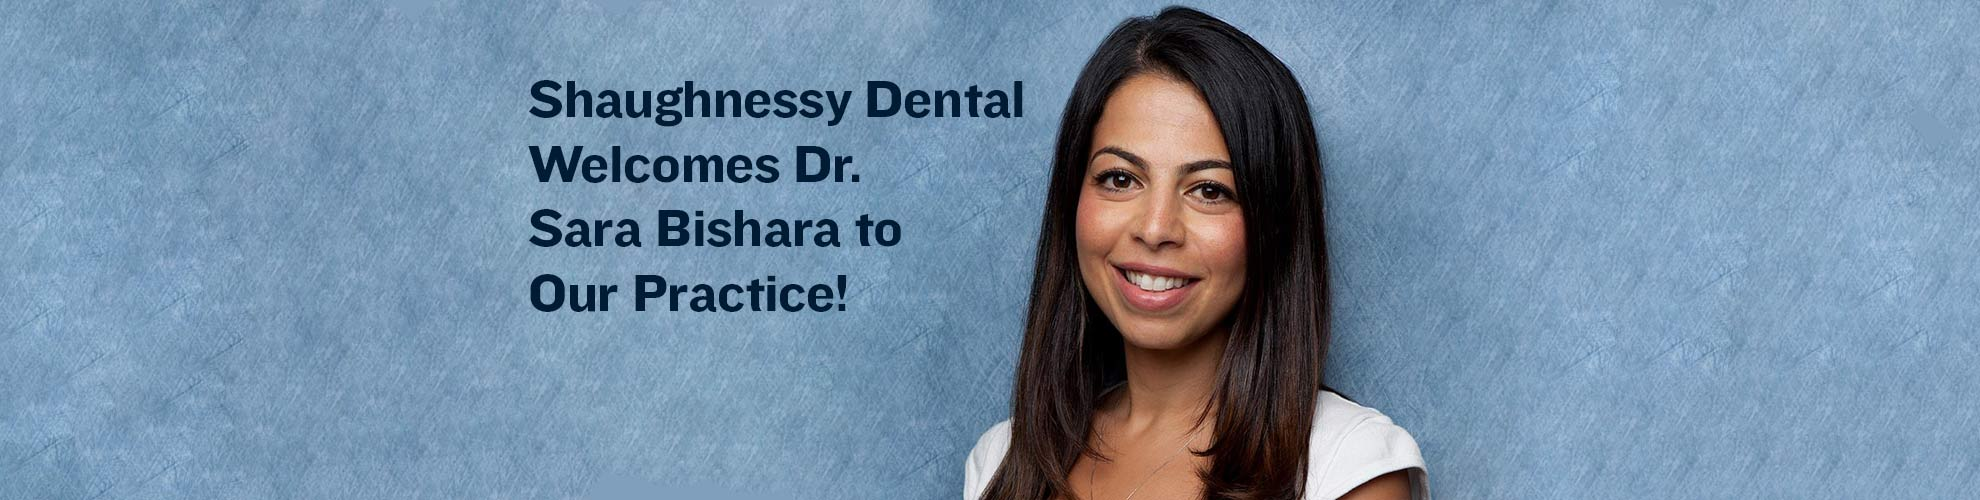 Dr. Sara Bishara